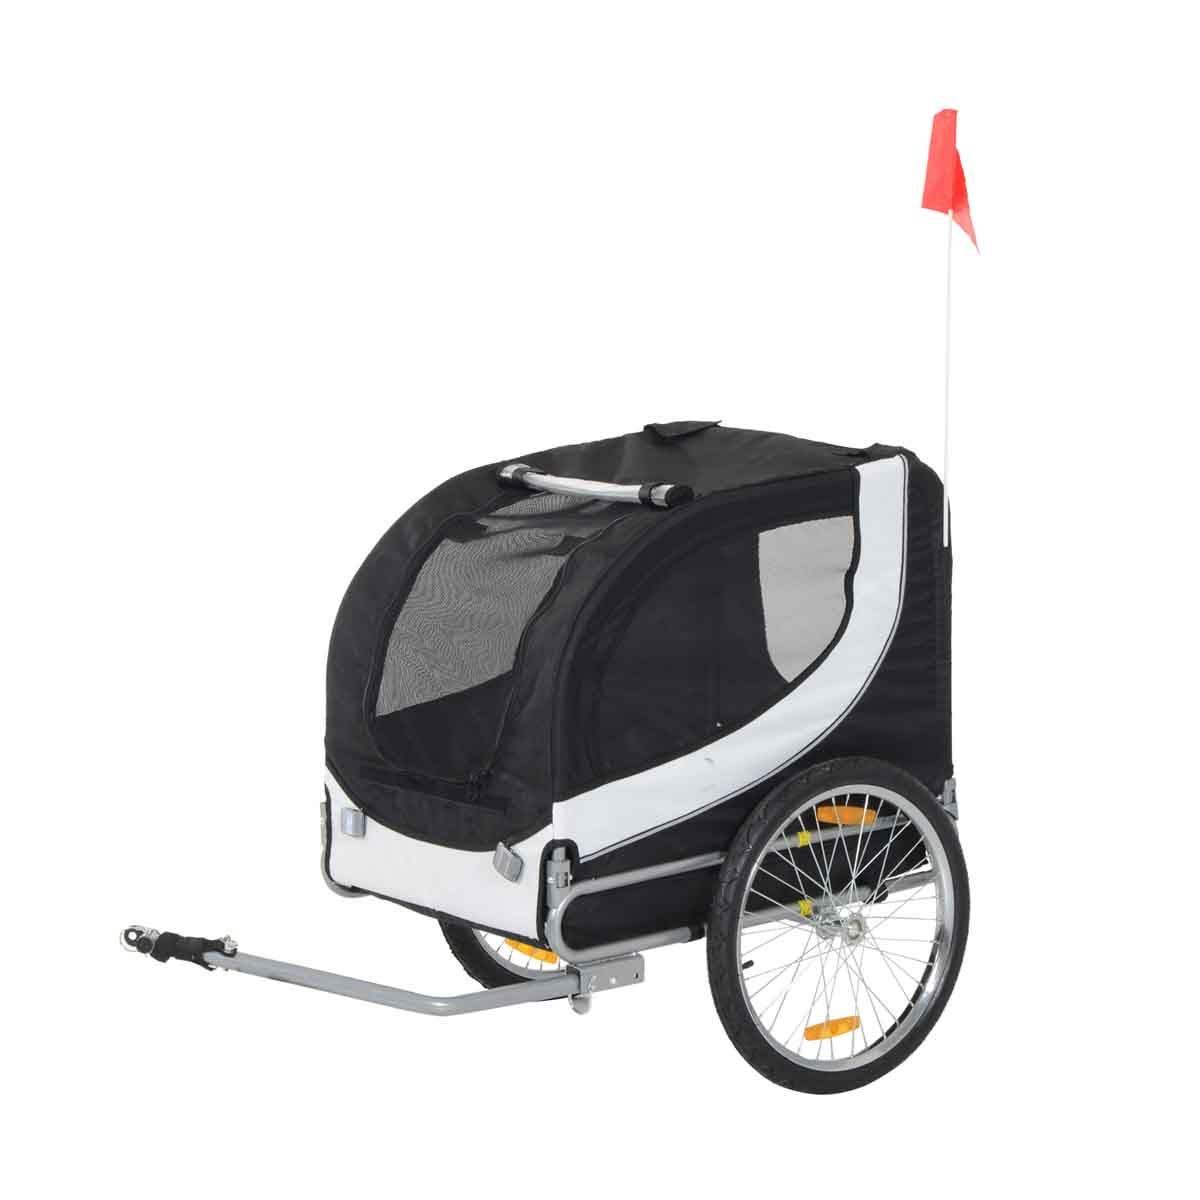 PawHut Pet Dog Stroller Folding Bike & Cargo Trailer/ Carrier - Black & White